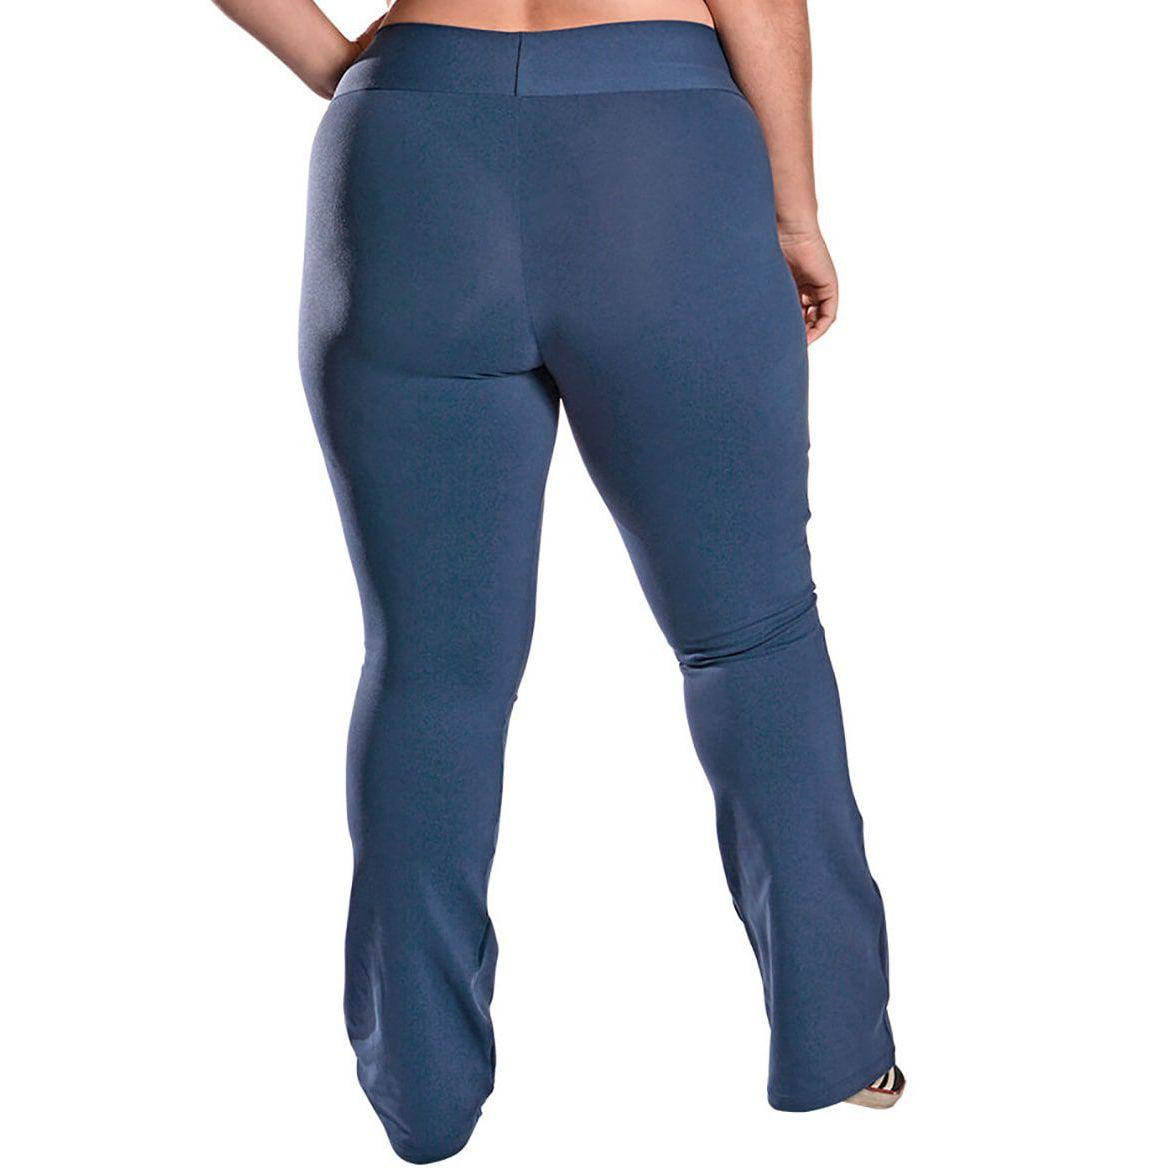 Calça Bailarina Flare Plus Size com Bolsos e Cós Largo Suplex Azul Marinho